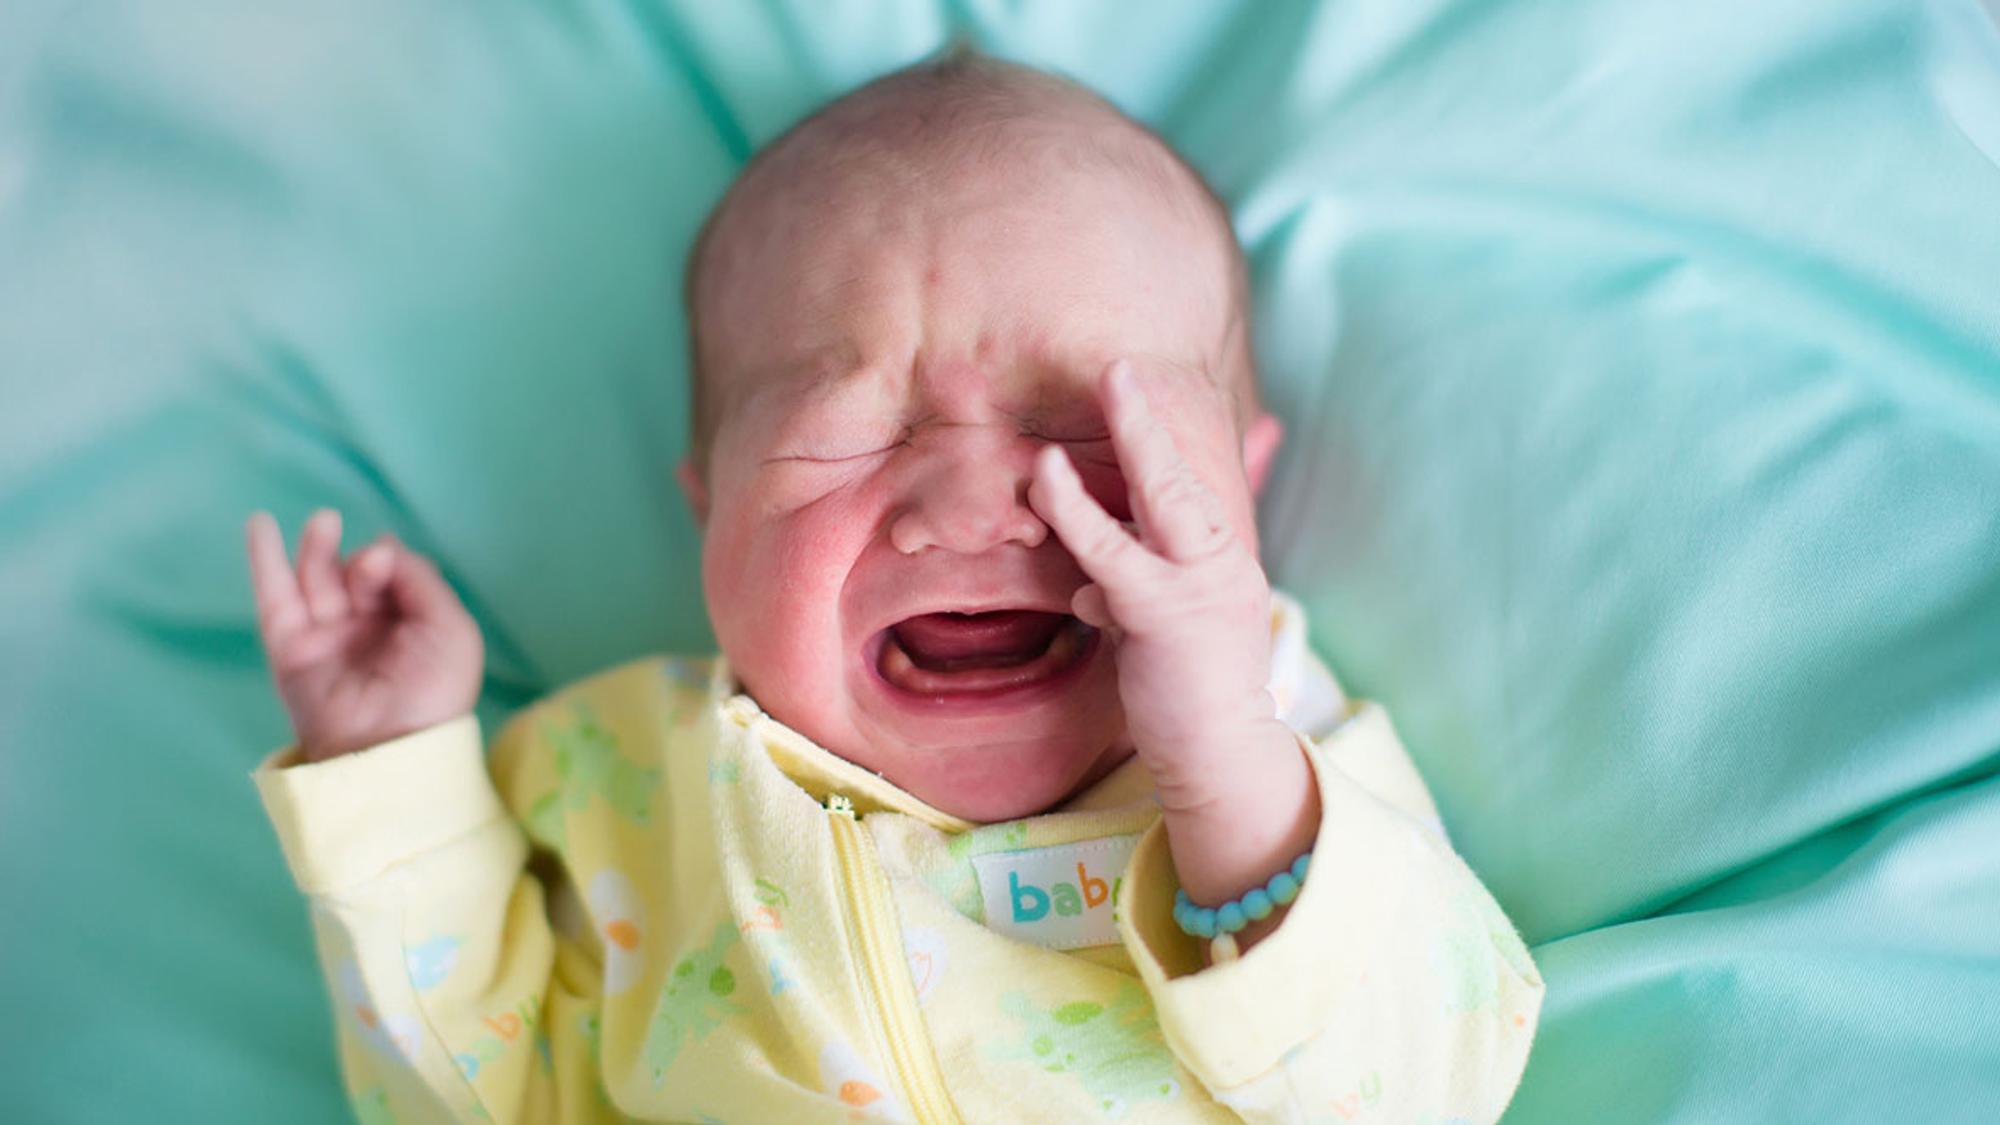 Hier findest du 8 bewährte Methoden zum Baby Beruhigen sowie weitere Tipps.